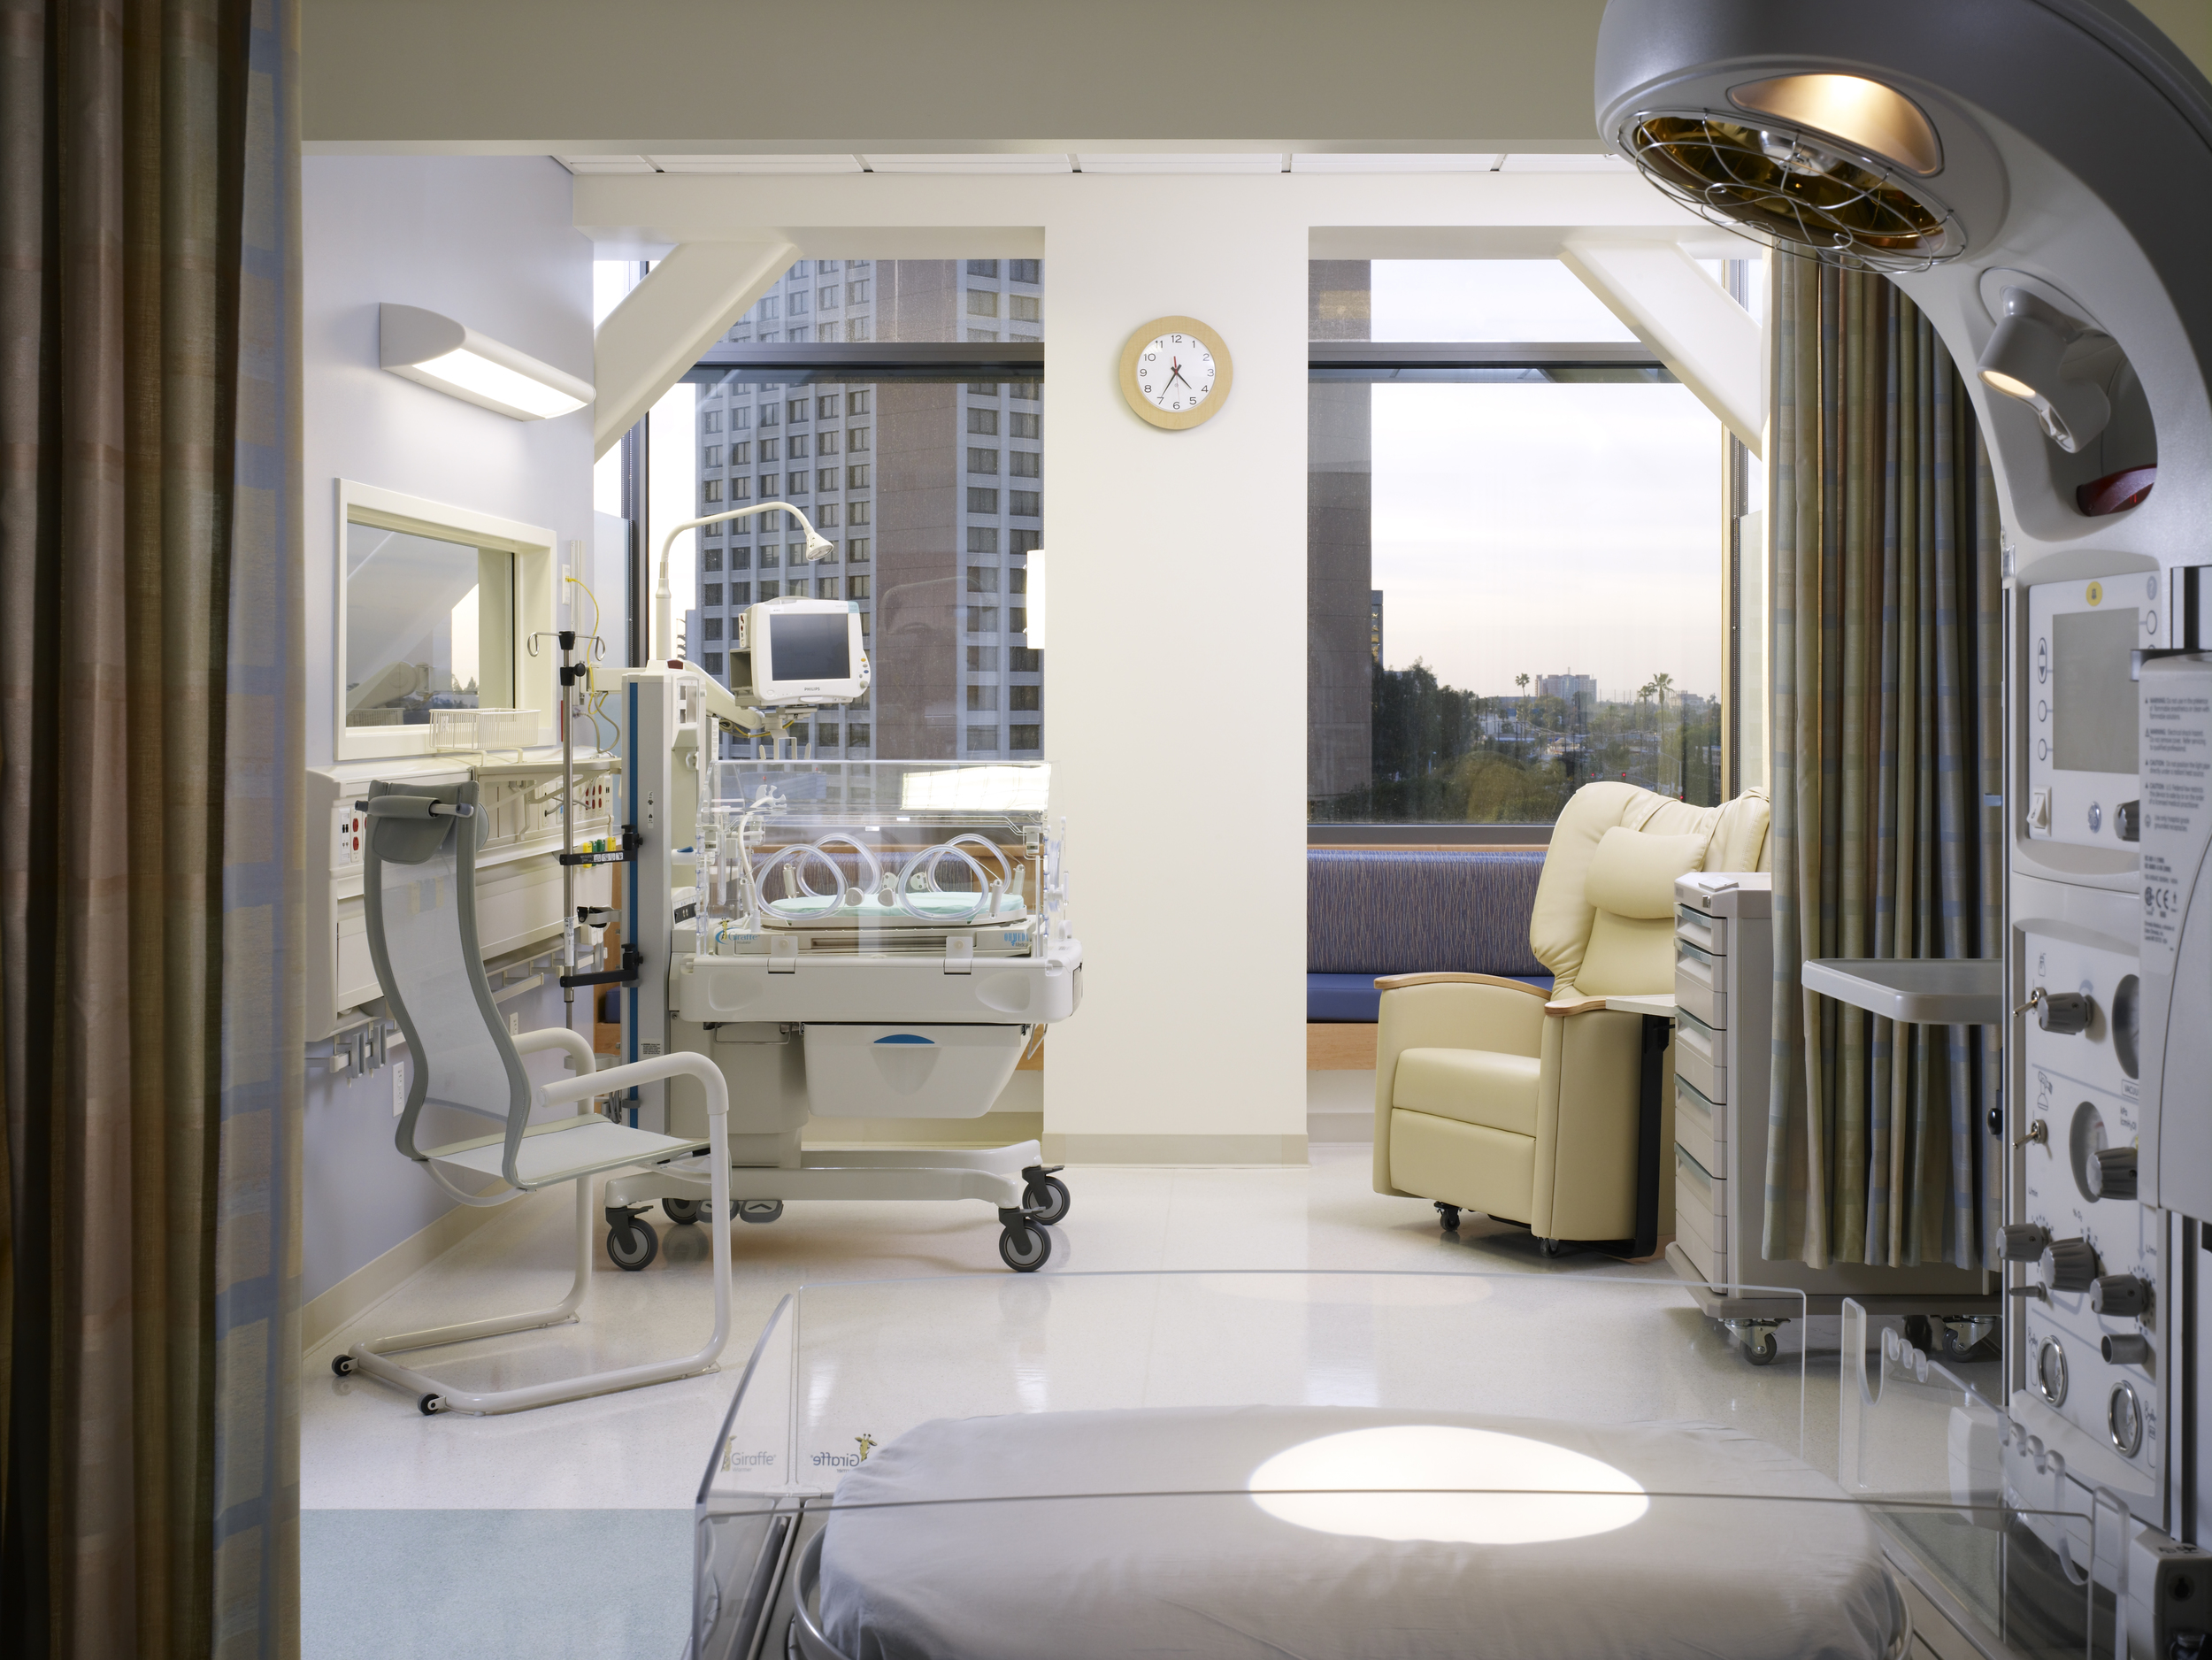 University of California Irvine Hospital 2.jpg